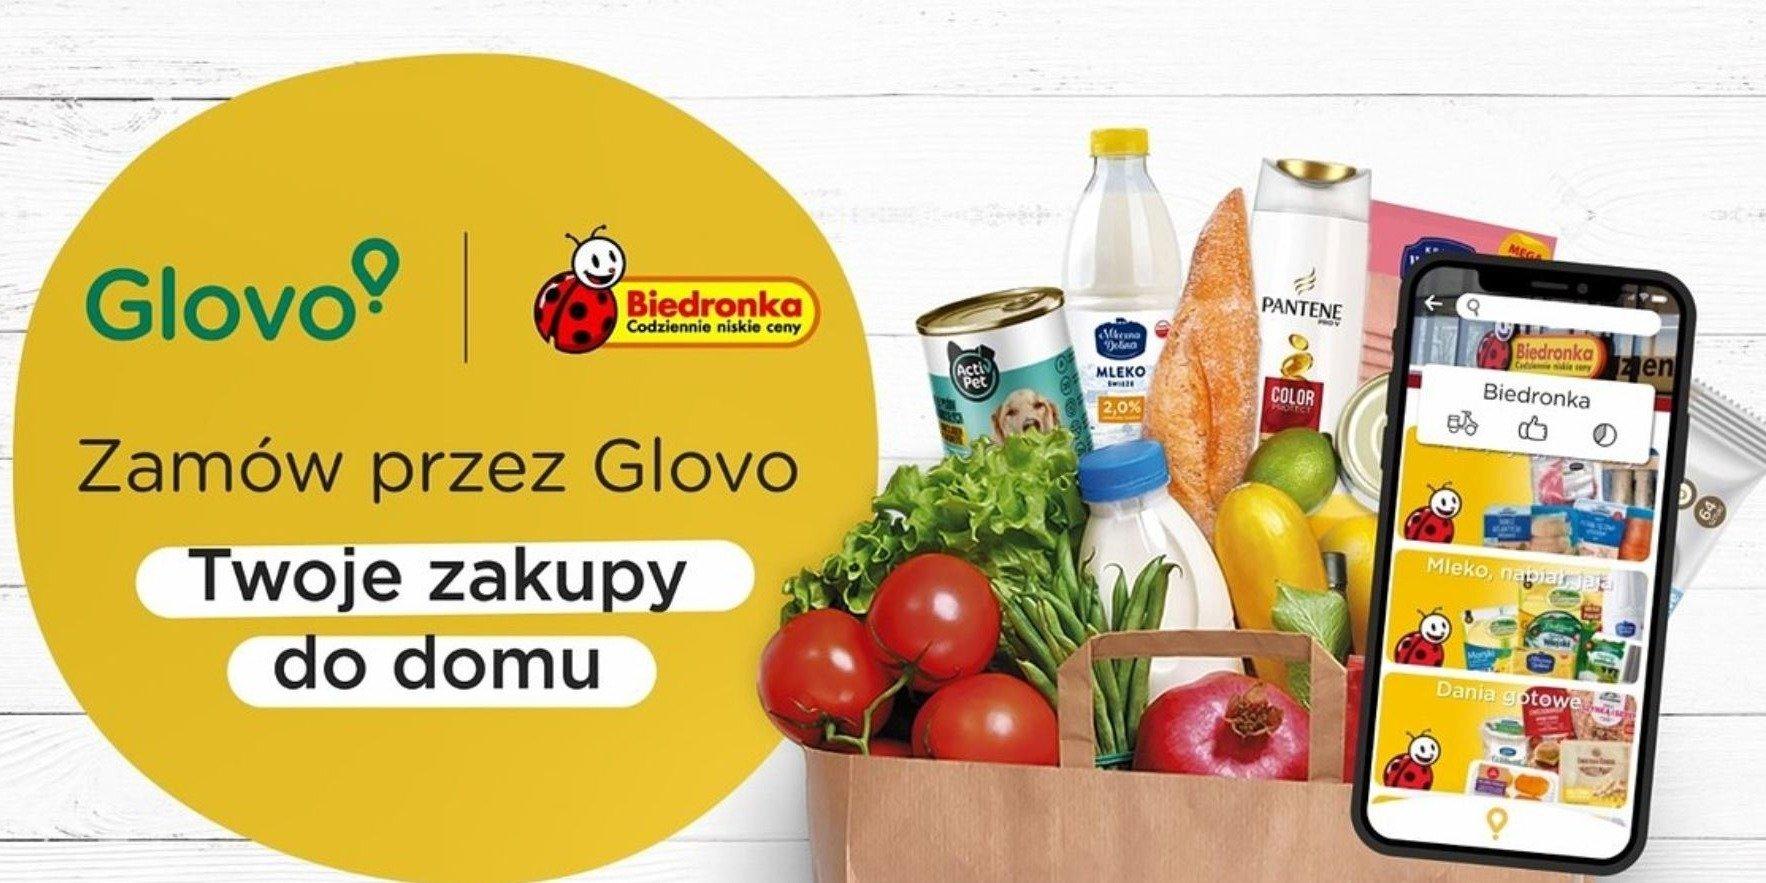 Wygodne i bezpieczne e-zakupy w Biedronce dostępne w kolejnych miastach